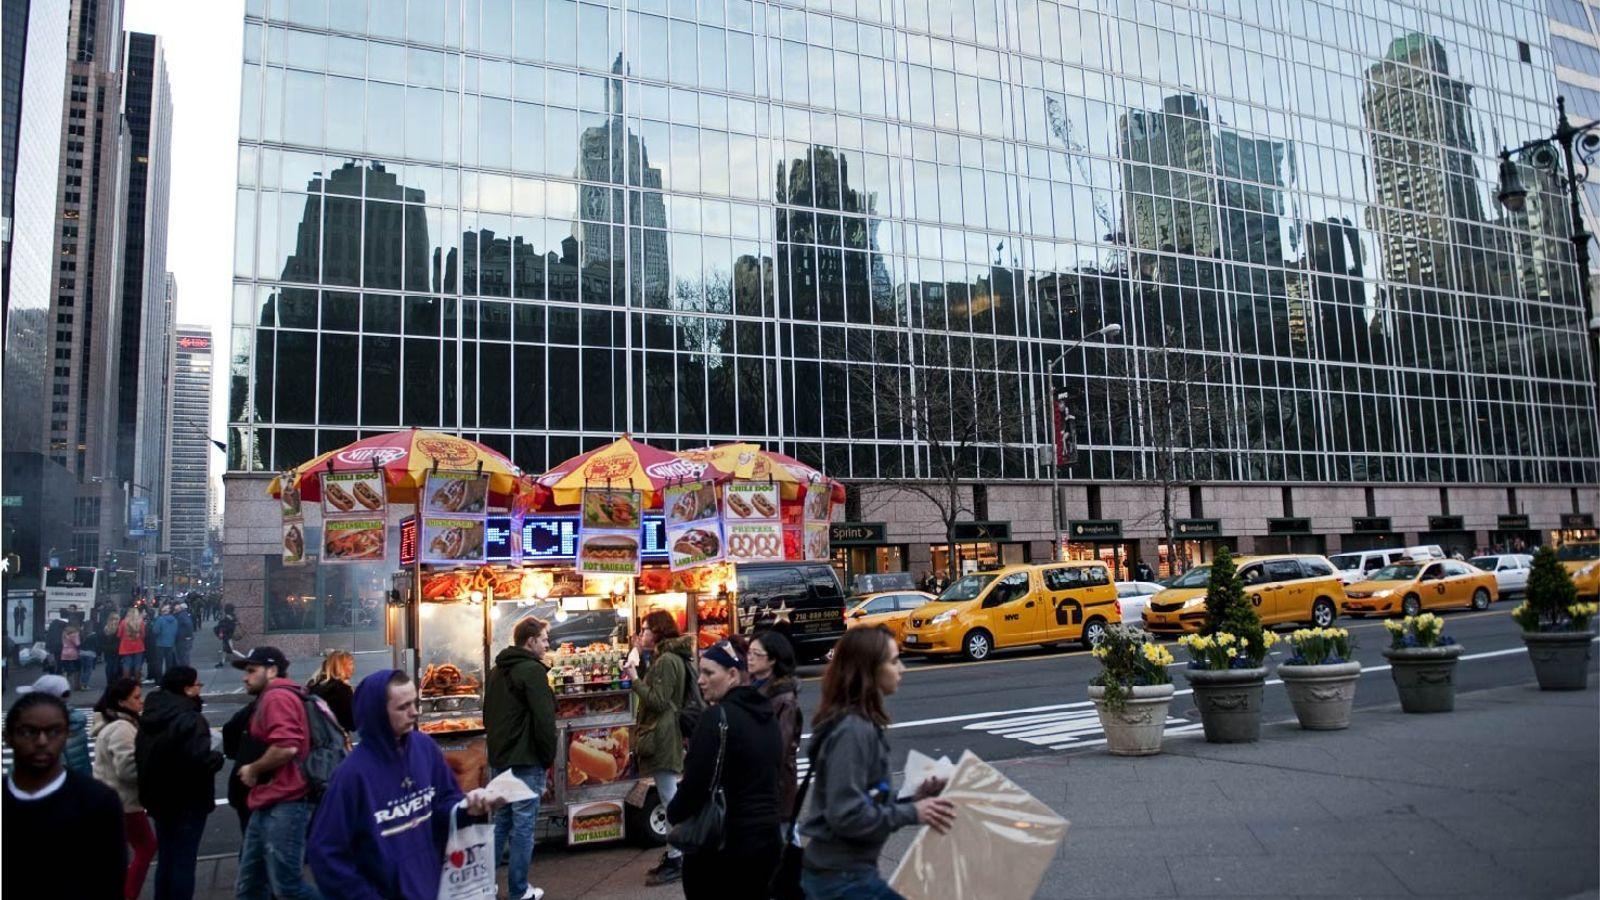 """Le plus célèbre représentant de la """"skyline"""", l'Empire State Building (à gauche) se reflète dans le ..."""